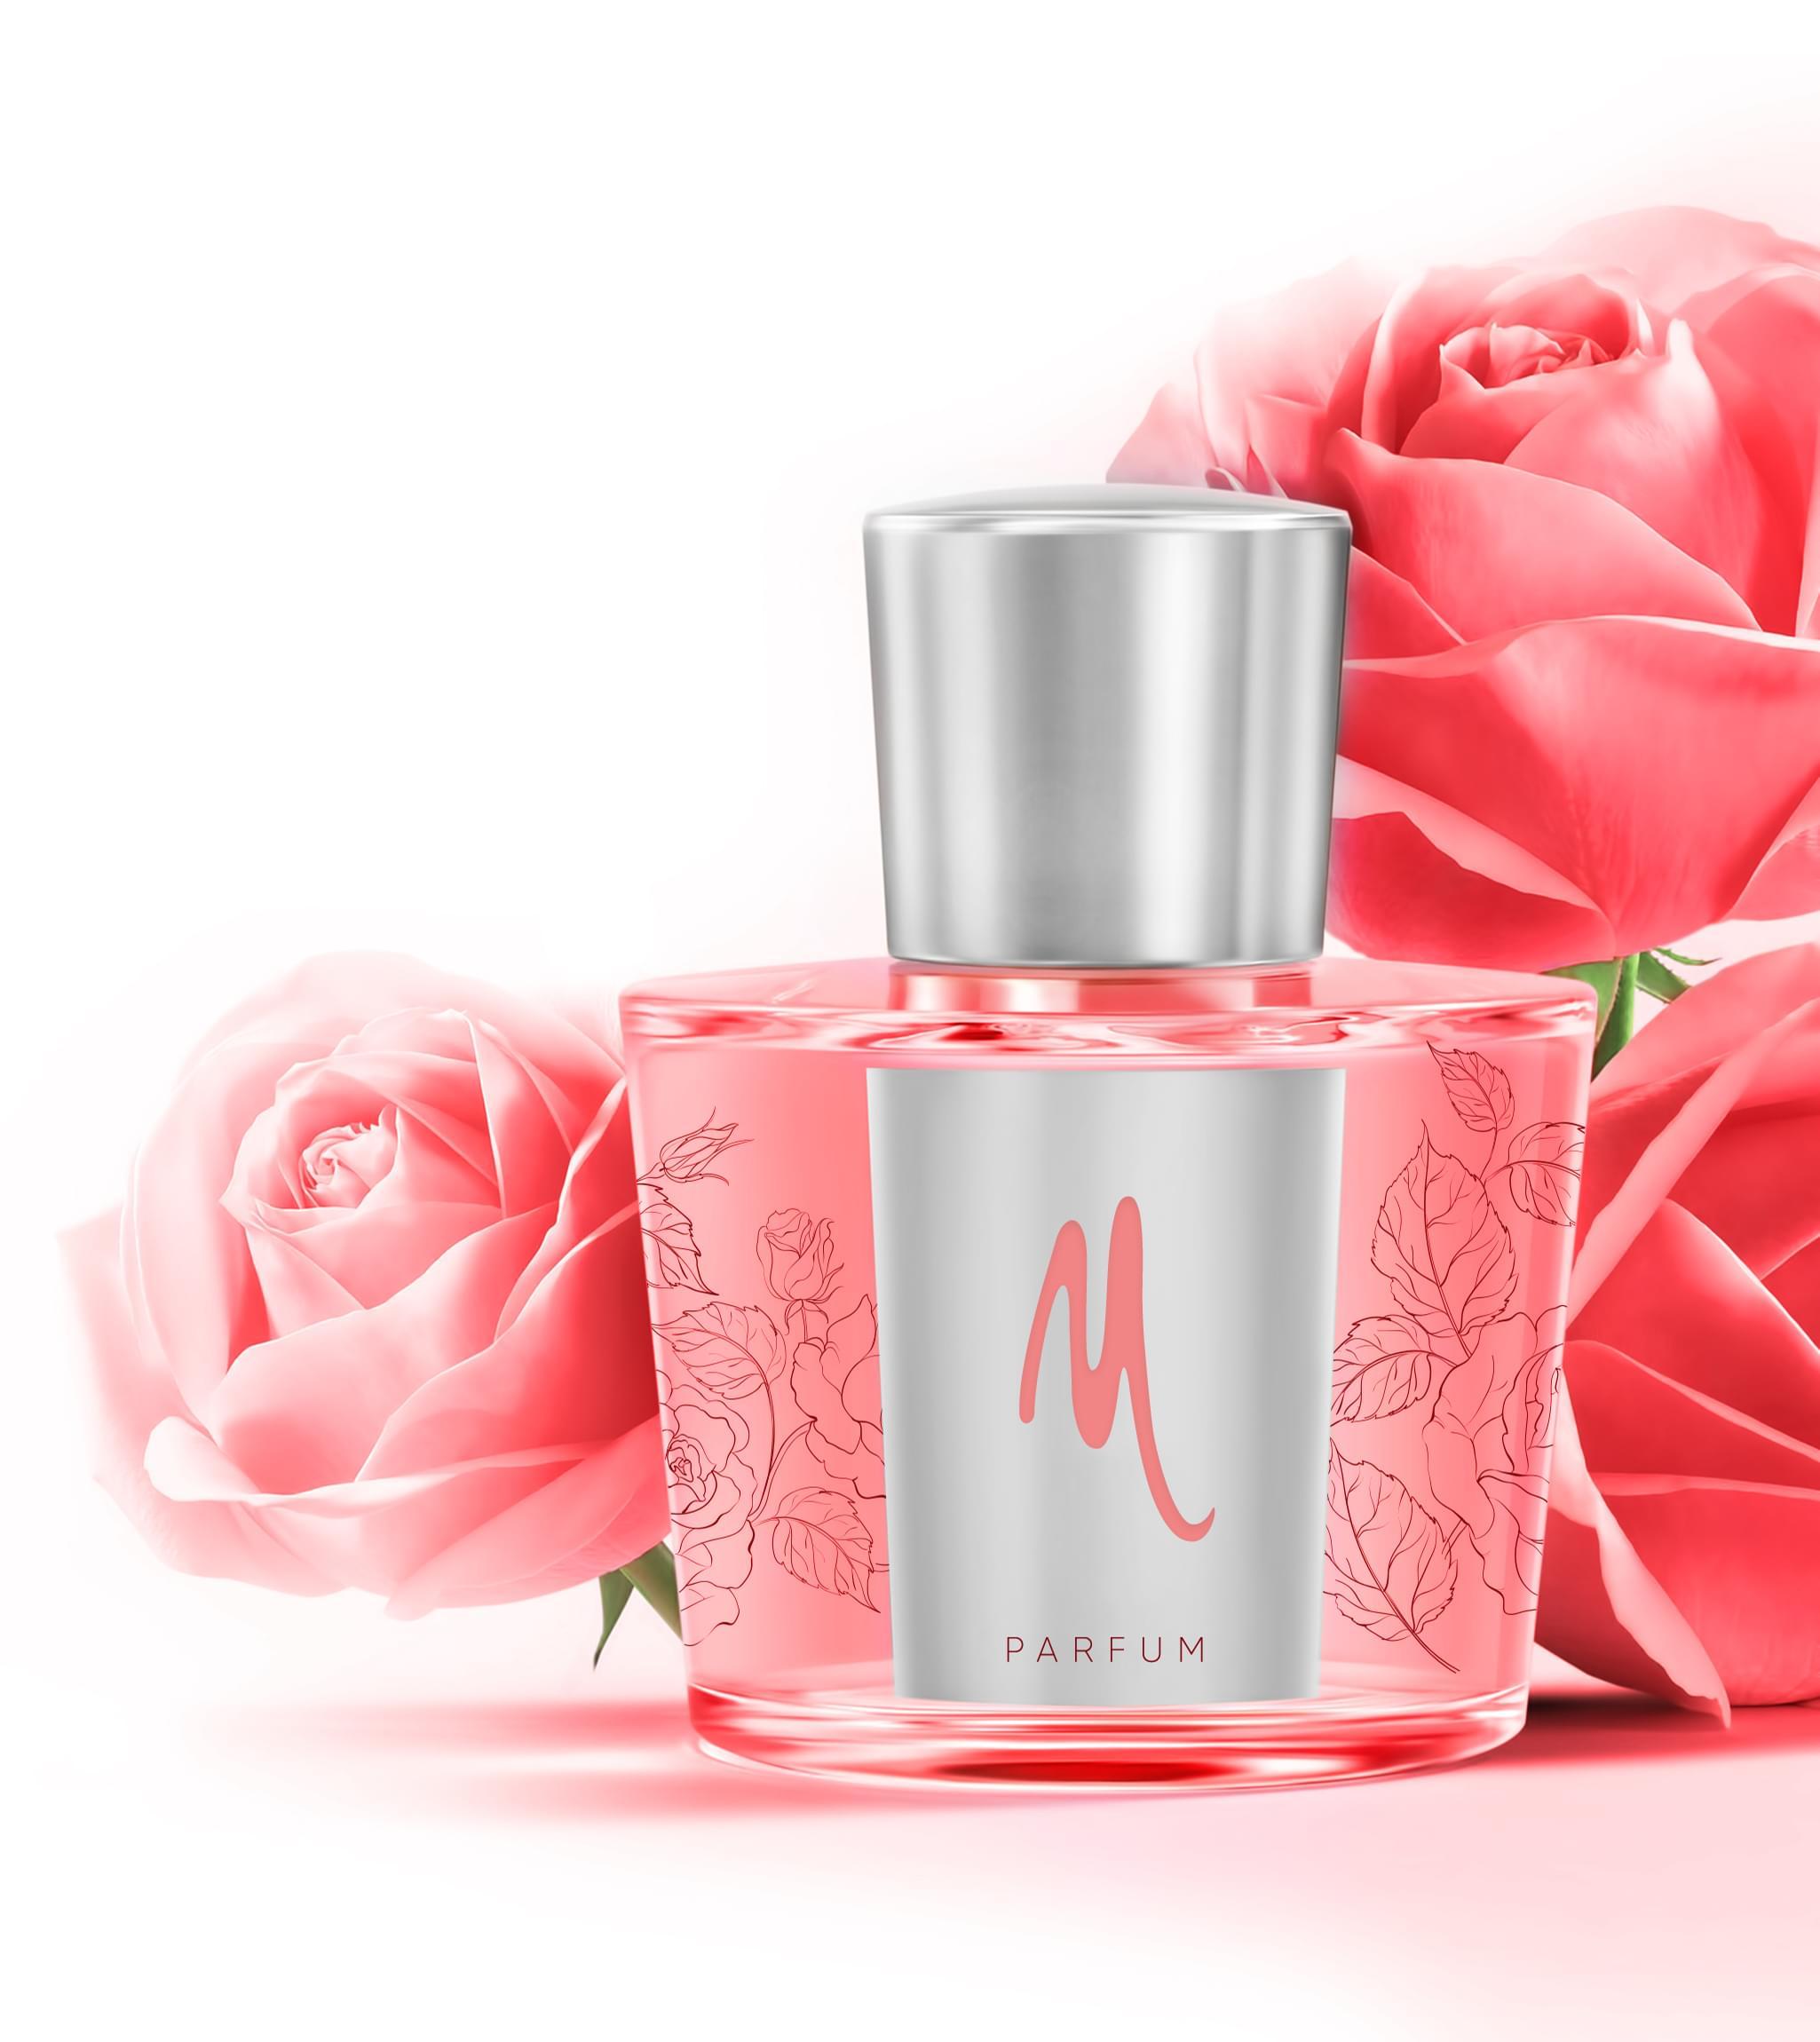 Perfume label Design